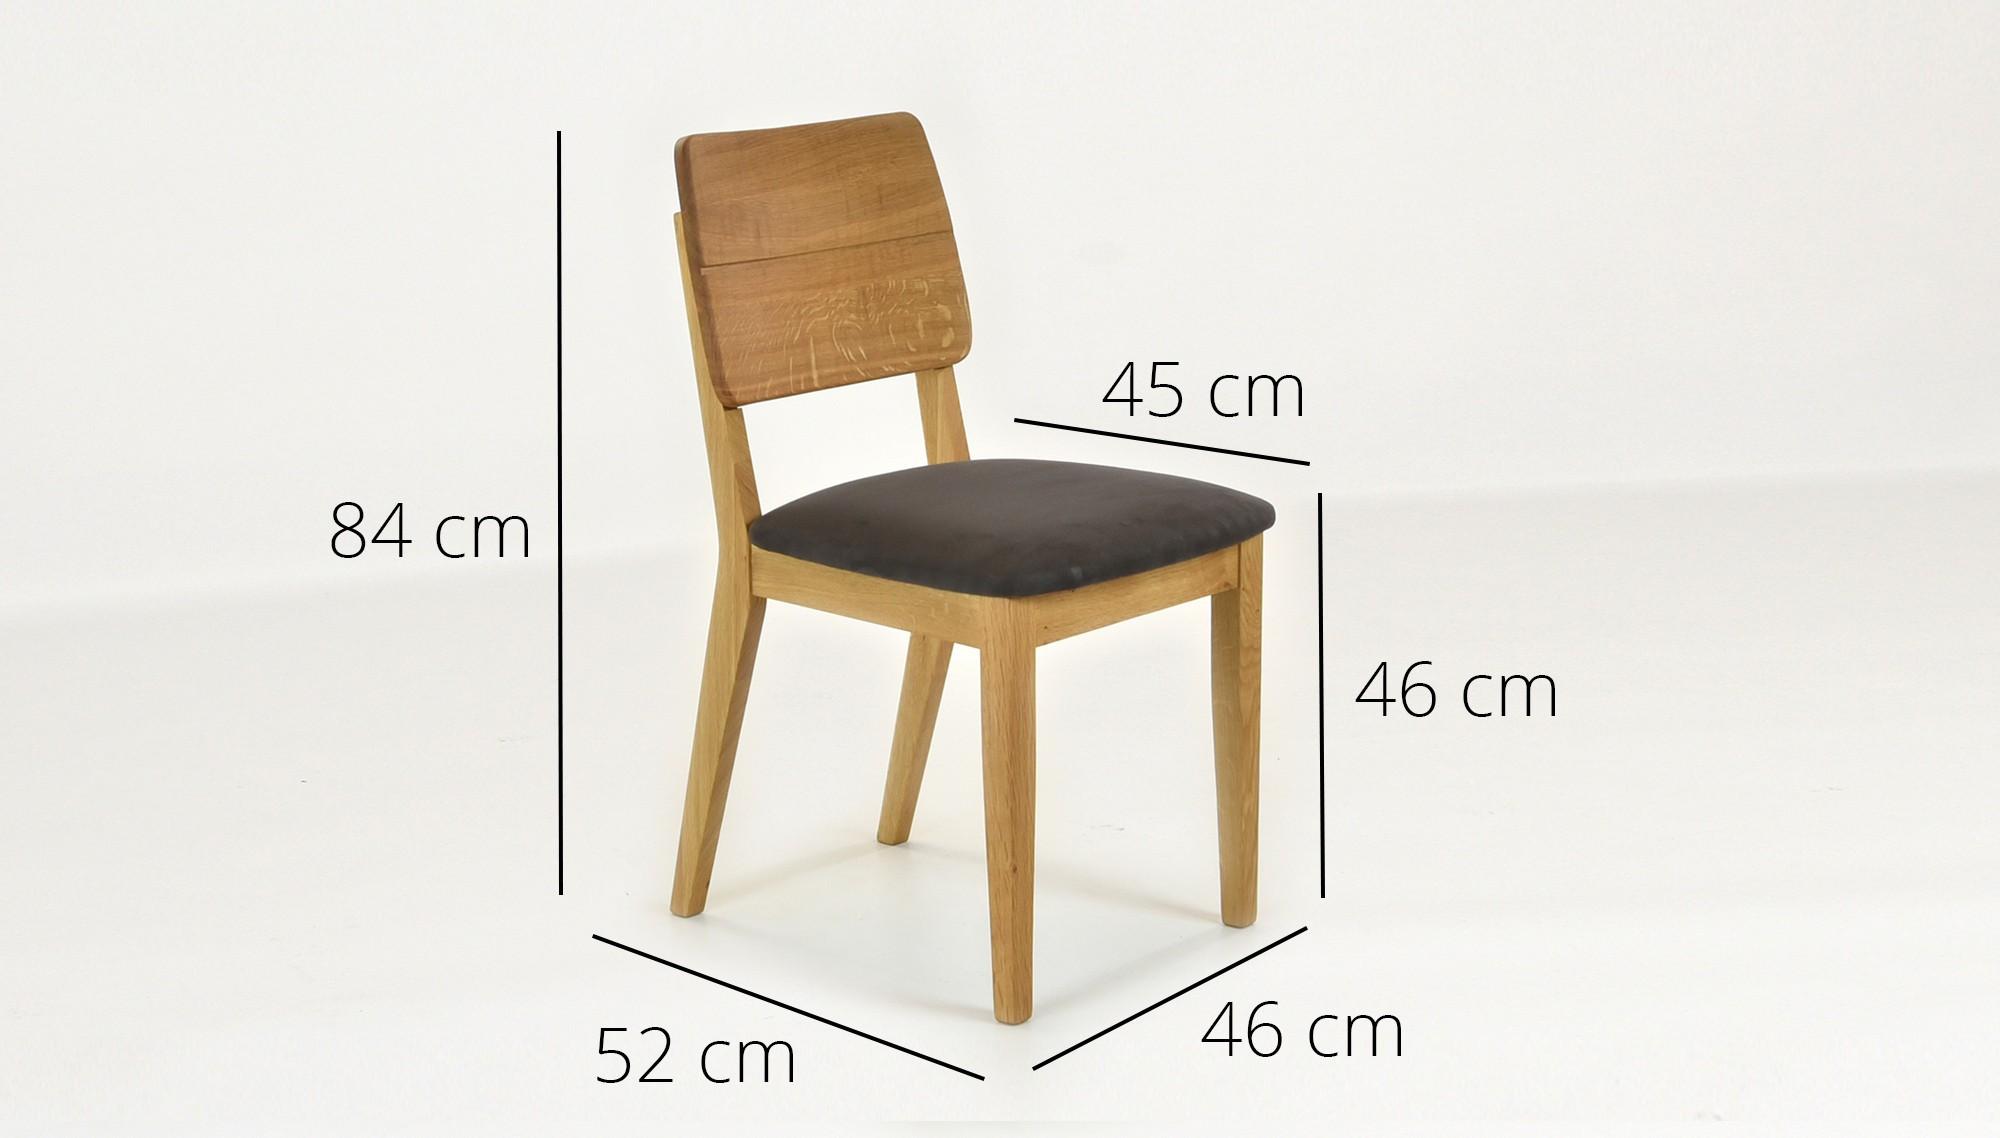 95a37e48537b Dubová stolička NORMAN hnedá brúsena koža